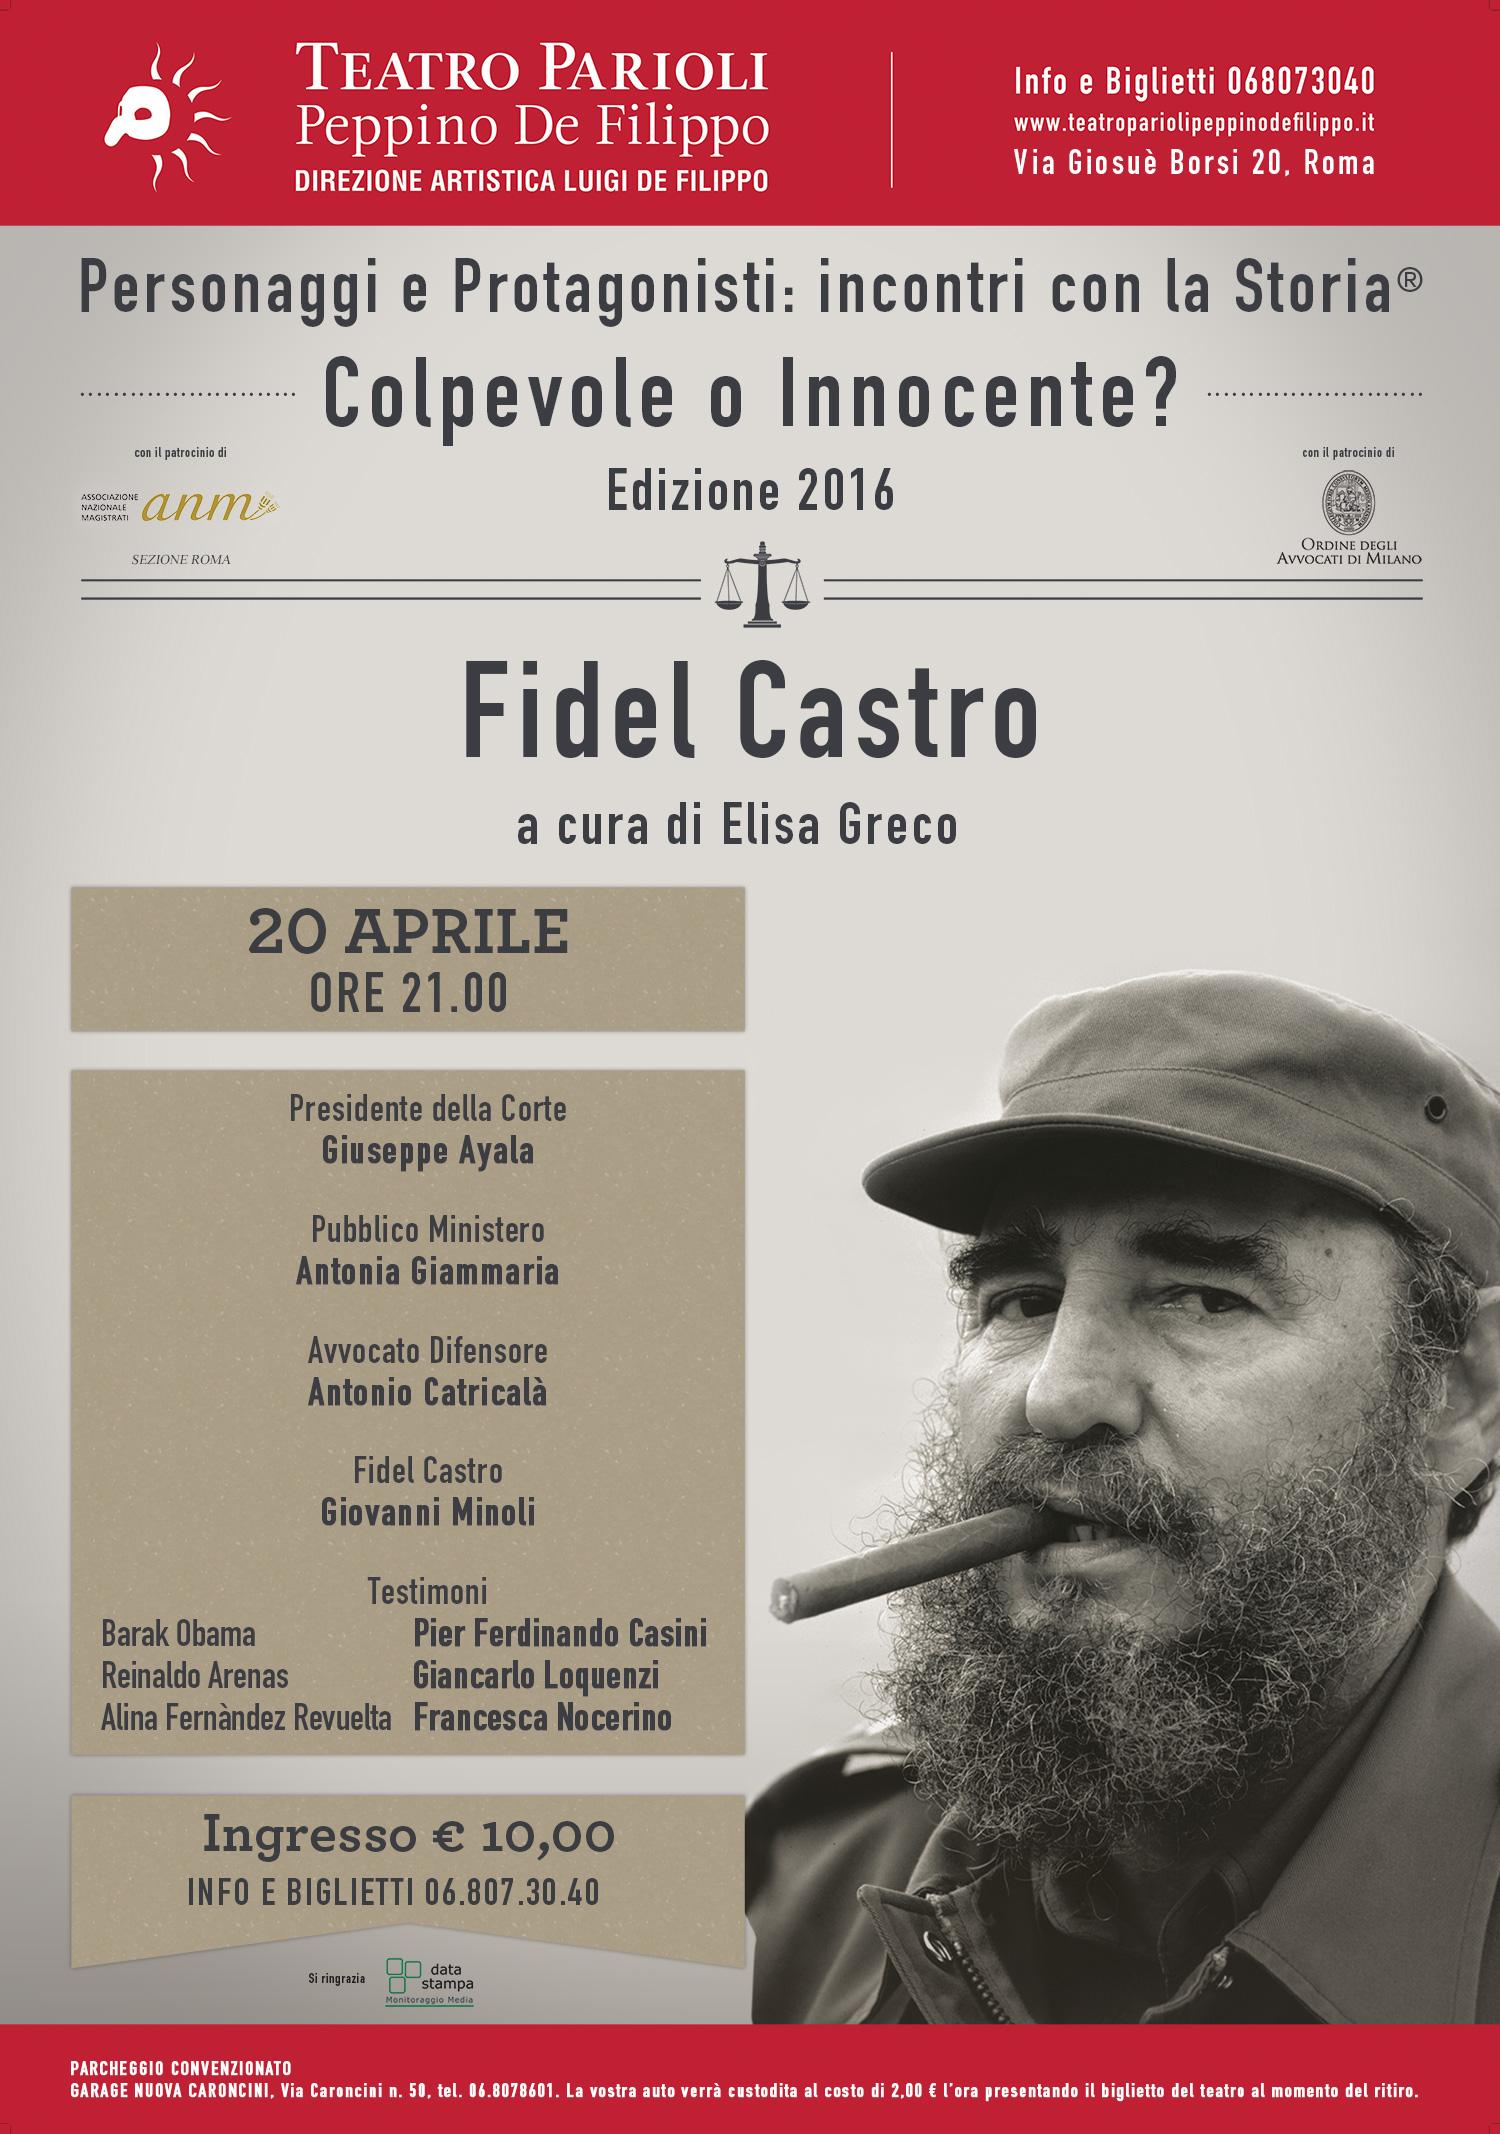 """""""Fidel Castro Colpevole o innocente?"""" a cura di Elisa Greco - 20 aprile 2016 - ore 21 - Teatro Parioli Peppino de Filippo - Via Giosuè Borsi 20 – Roma"""